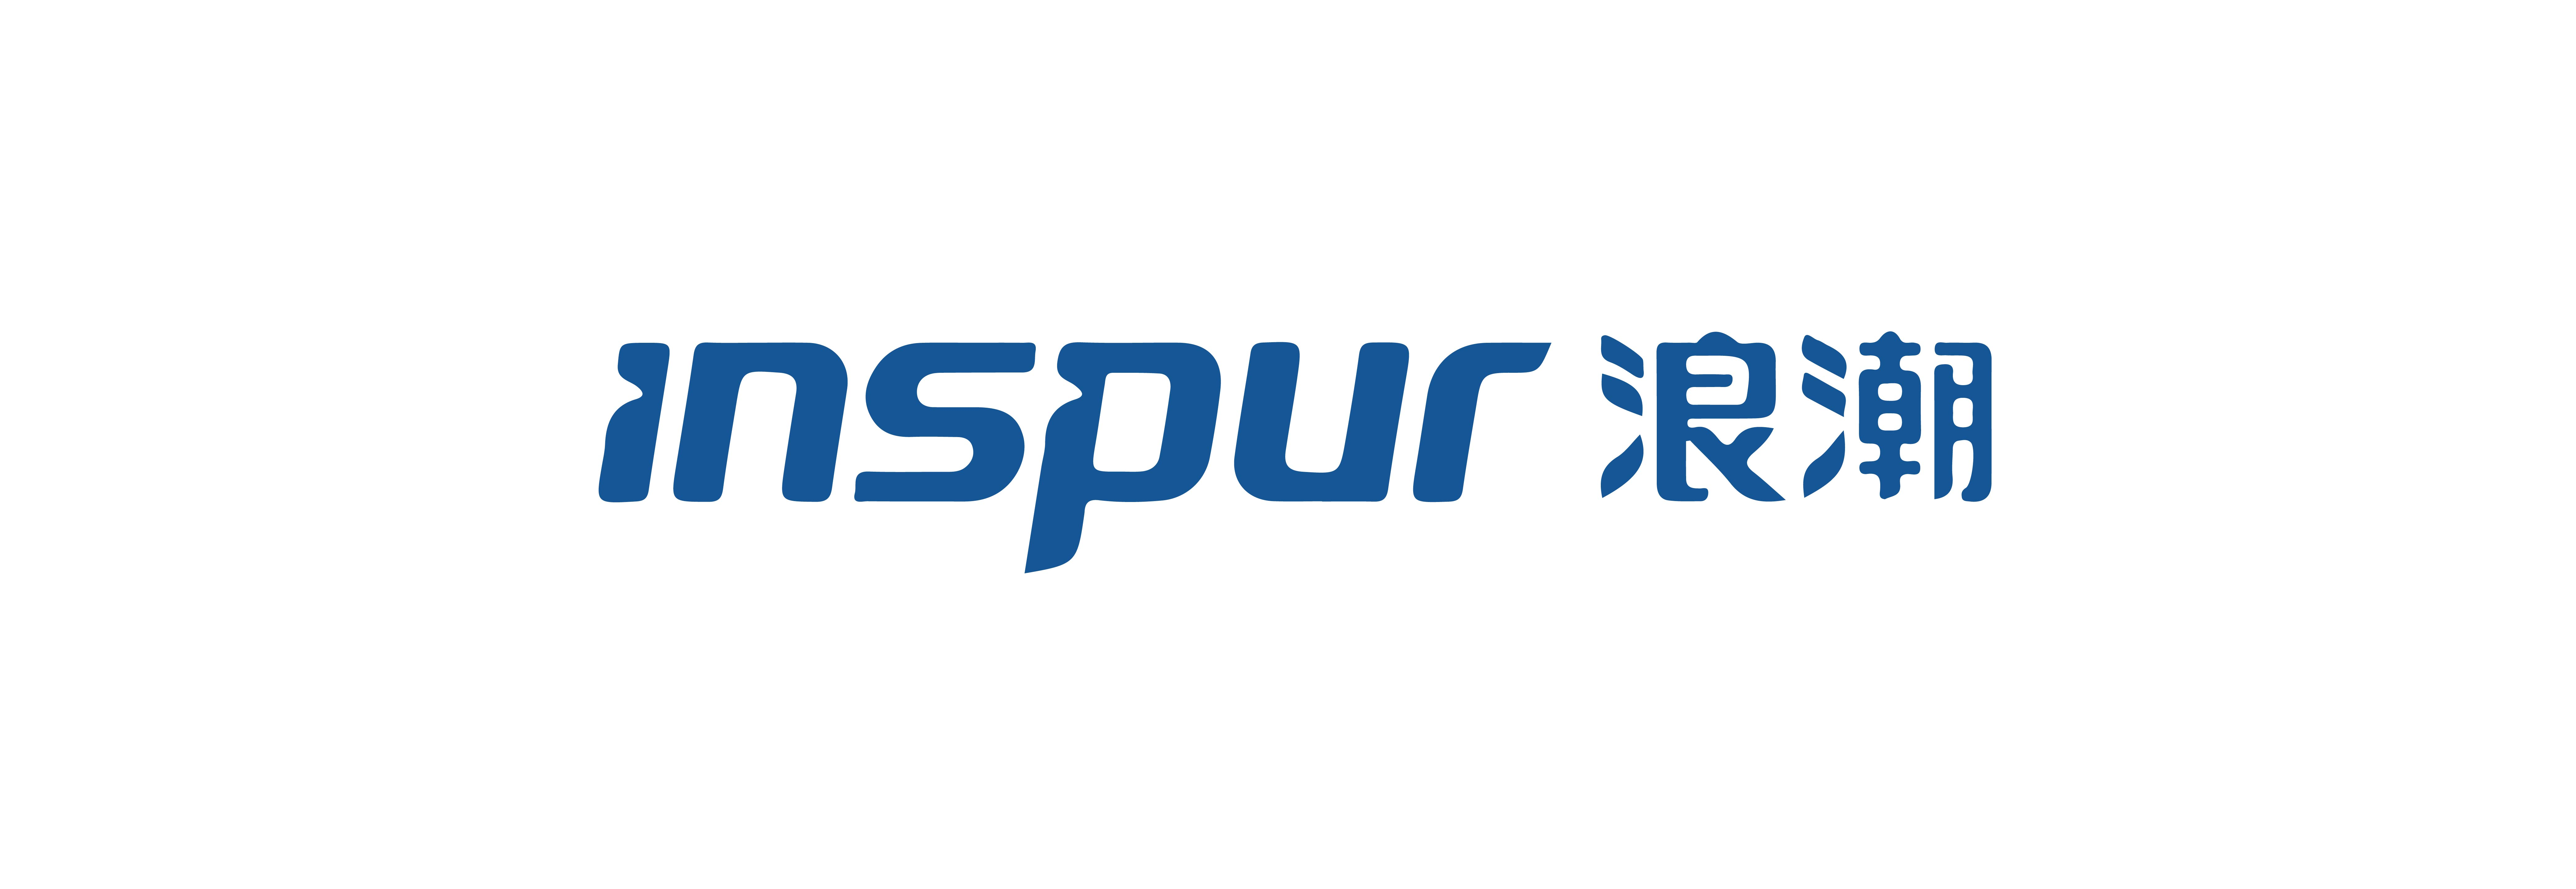 浪潮(INSPUR)